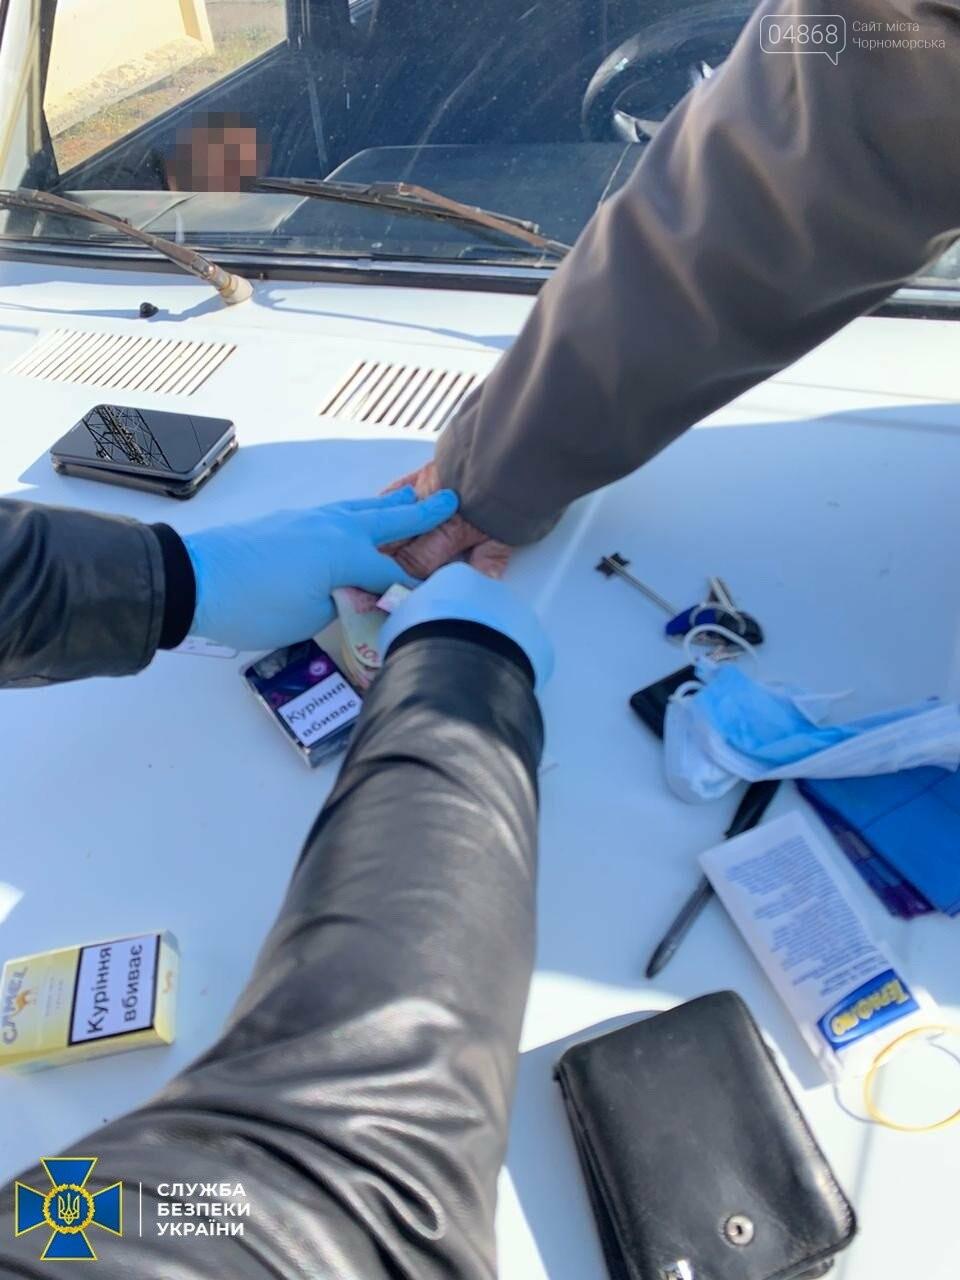 В Одесской области СБУ разоблачила чиновника мэрии Подольска на подкупе членов избиркома, фото-2